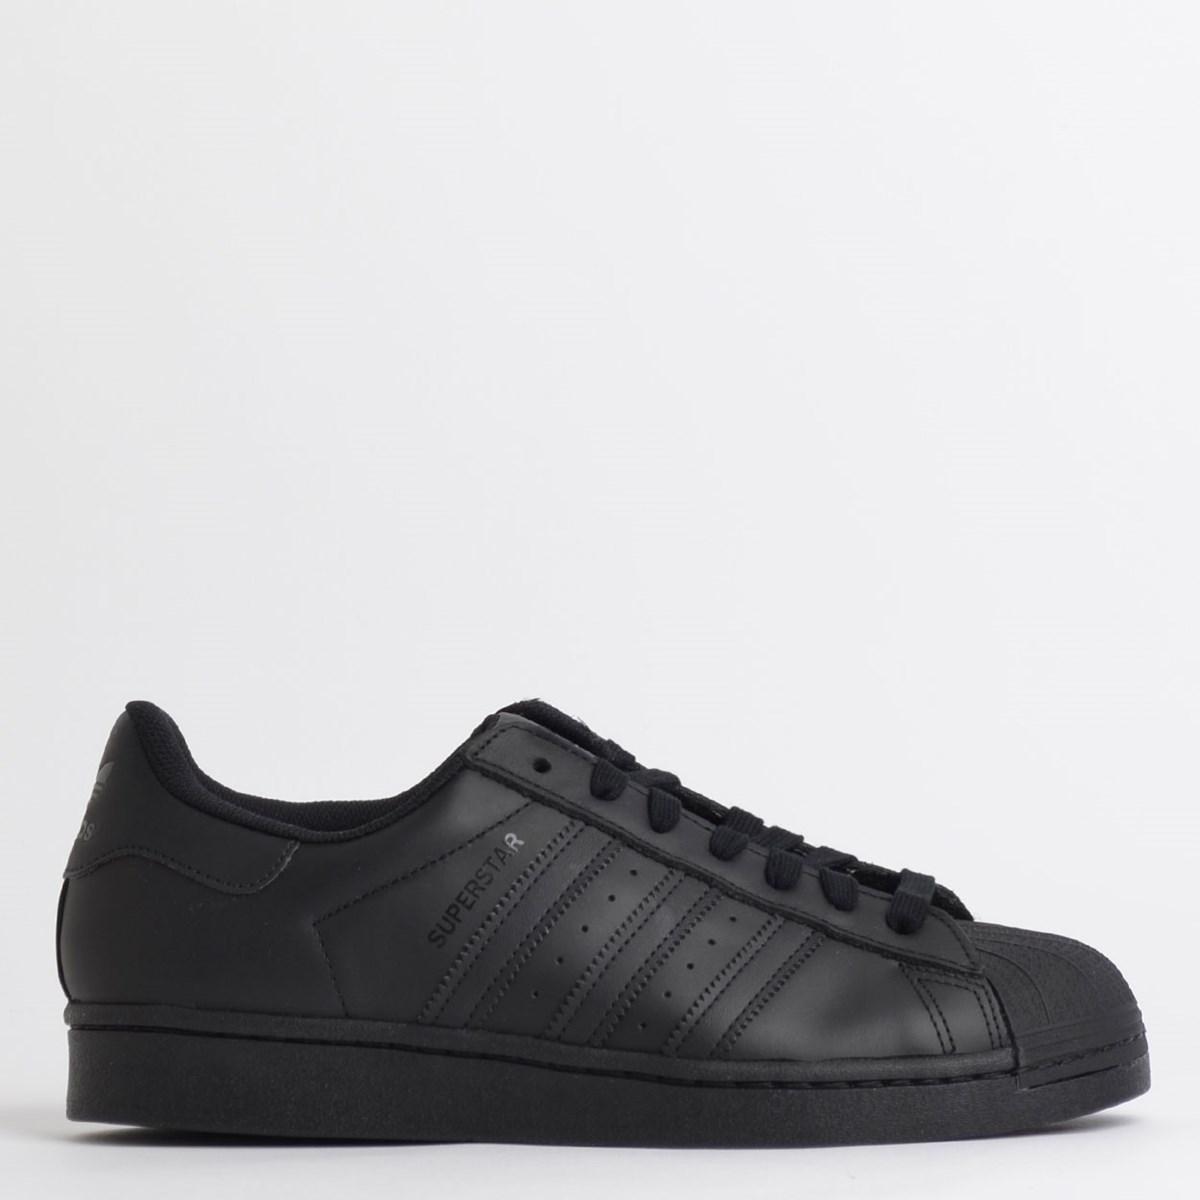 Tênis Adidas Superstar Preto Preto EG4957